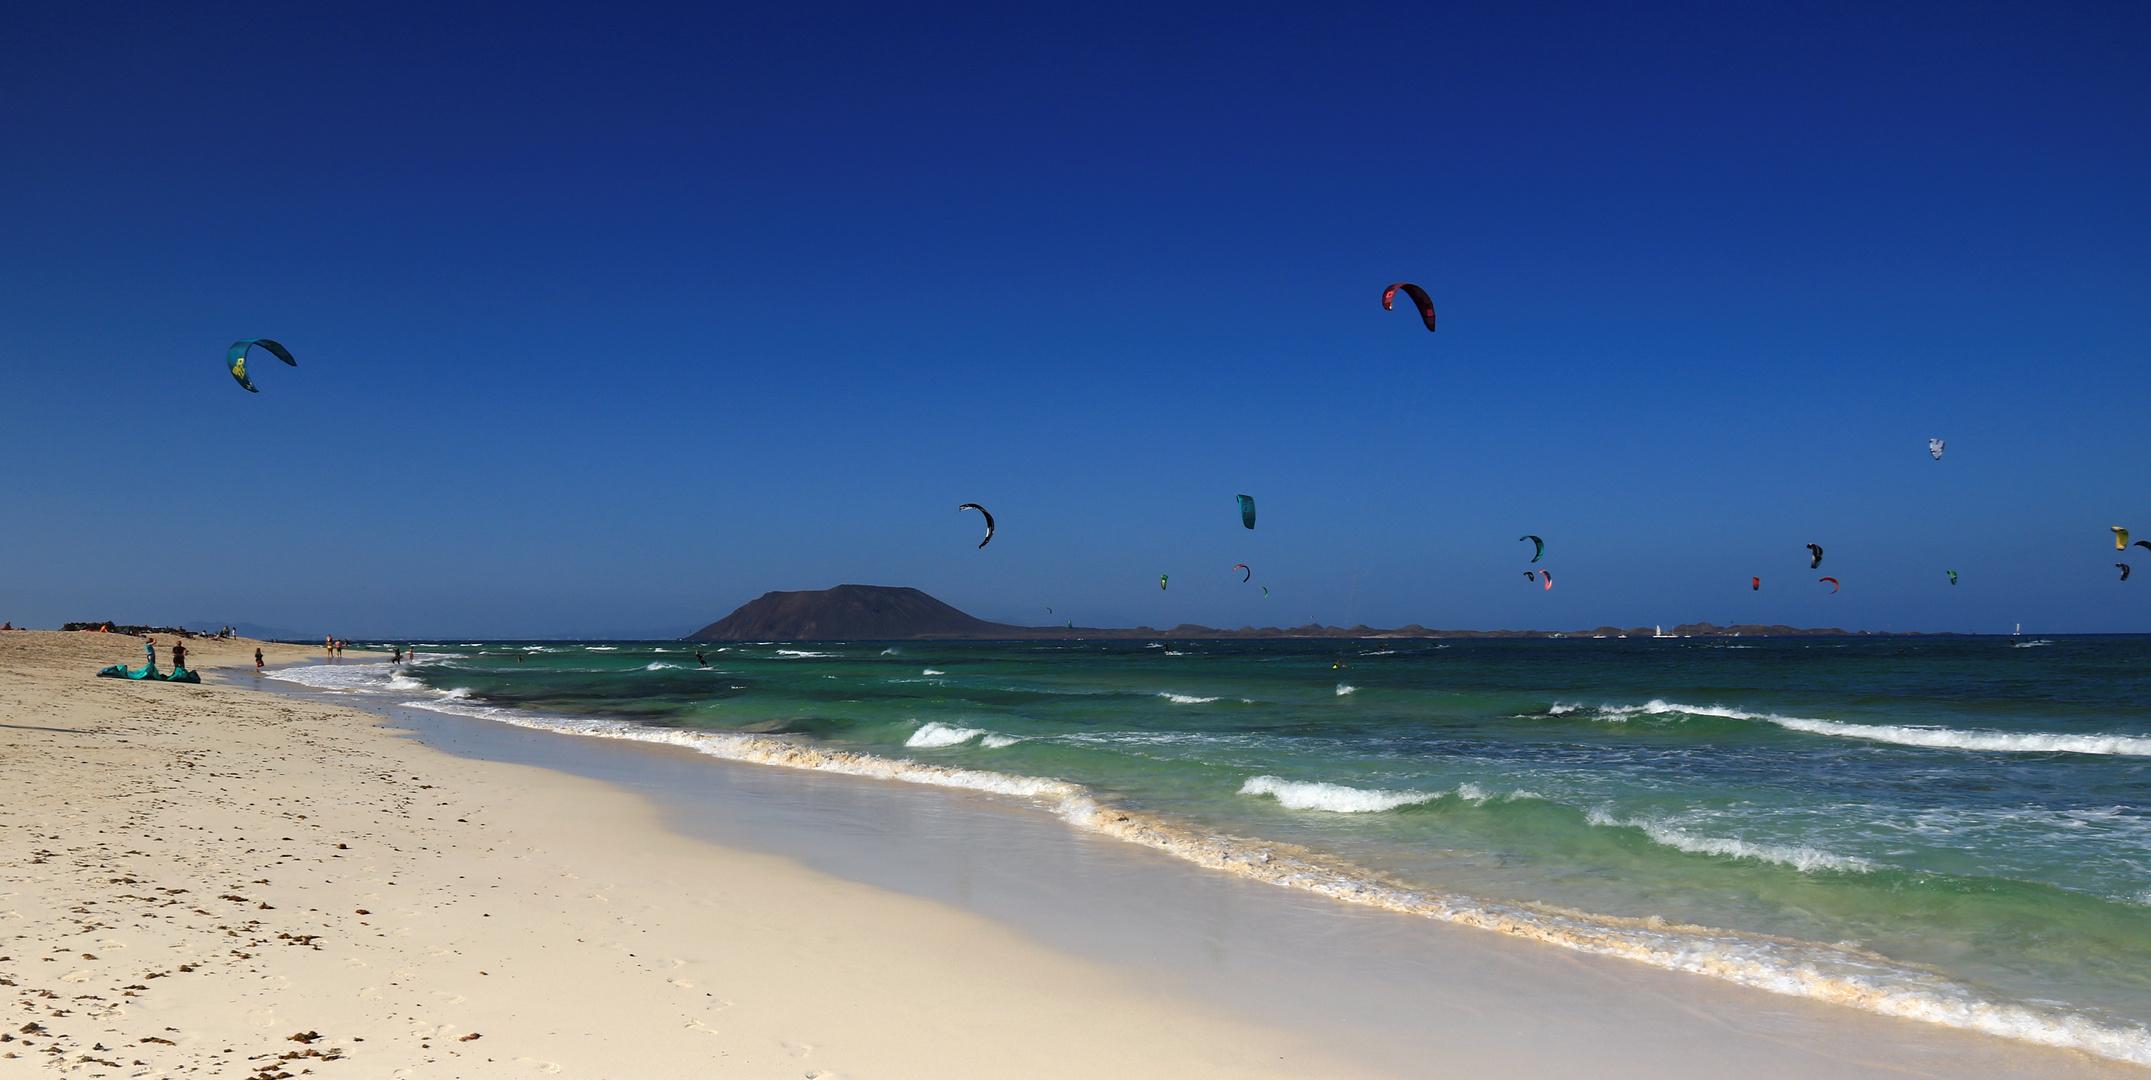 Ein herrlicher Ort für Segler und Surfer aller Arten